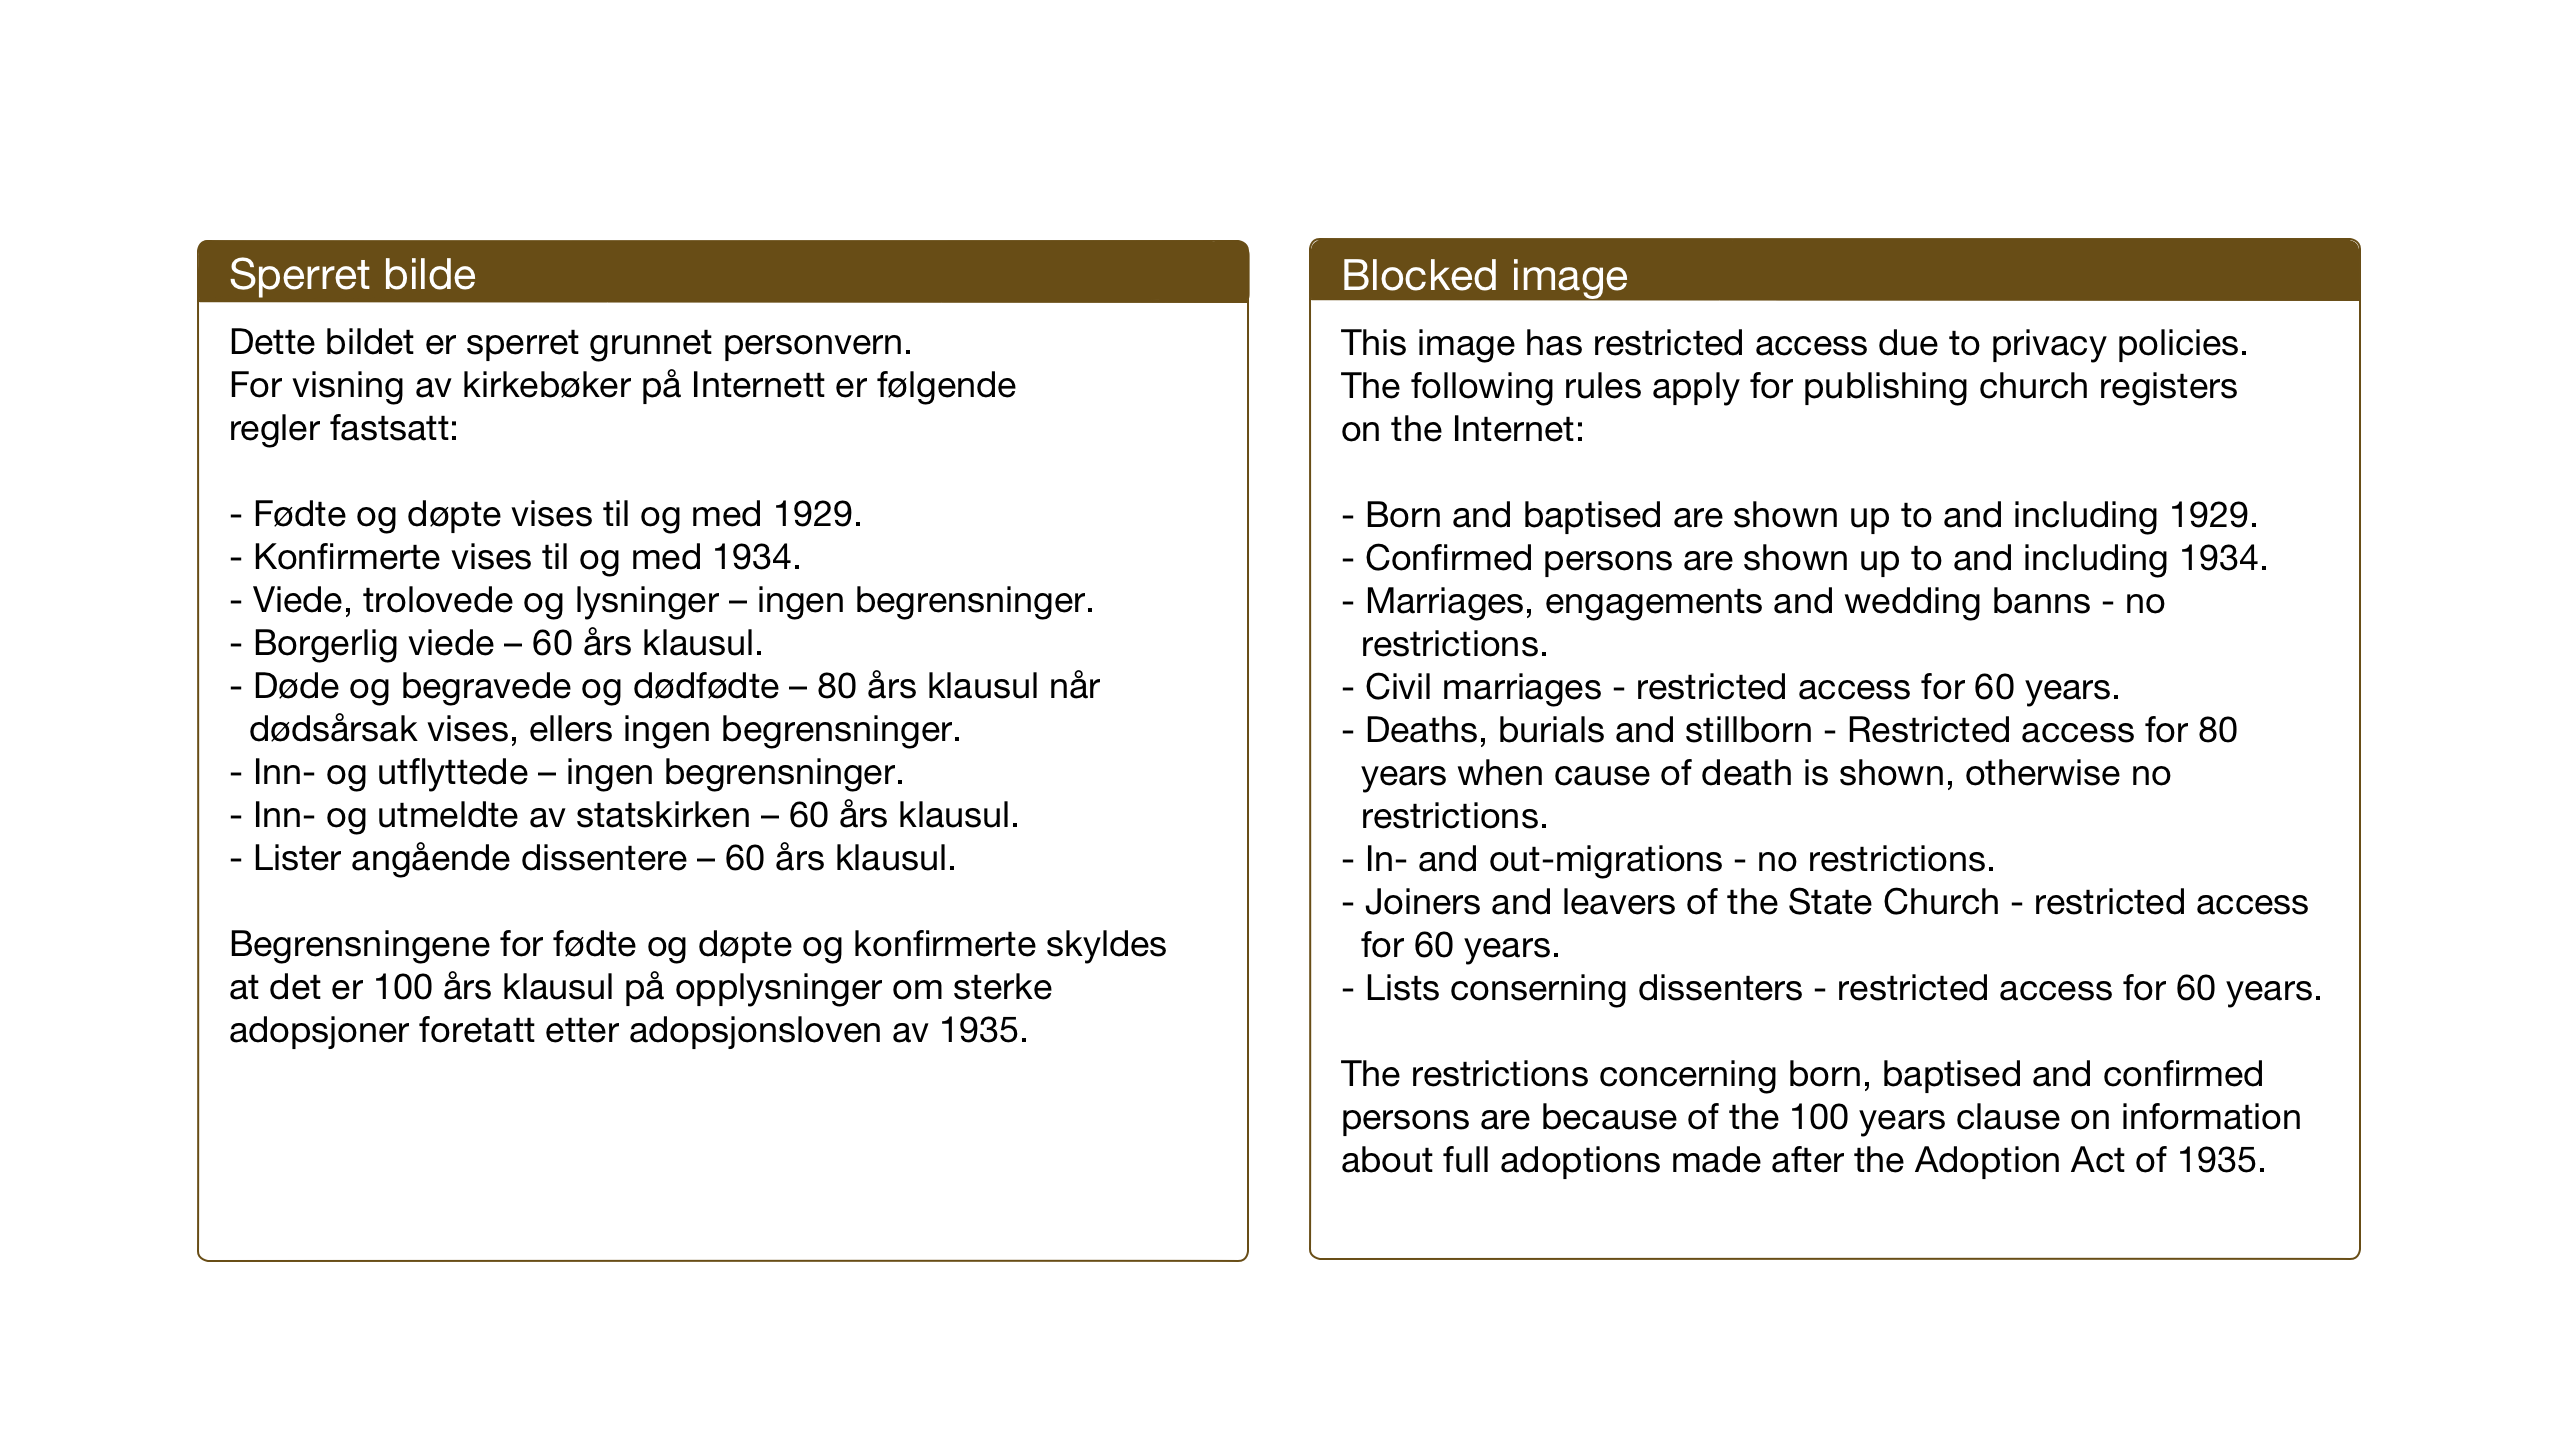 SAT, Ministerialprotokoller, klokkerbøker og fødselsregistre - Sør-Trøndelag, 672/L0866: Klokkerbok nr. 672C05, 1929-1939, s. 50